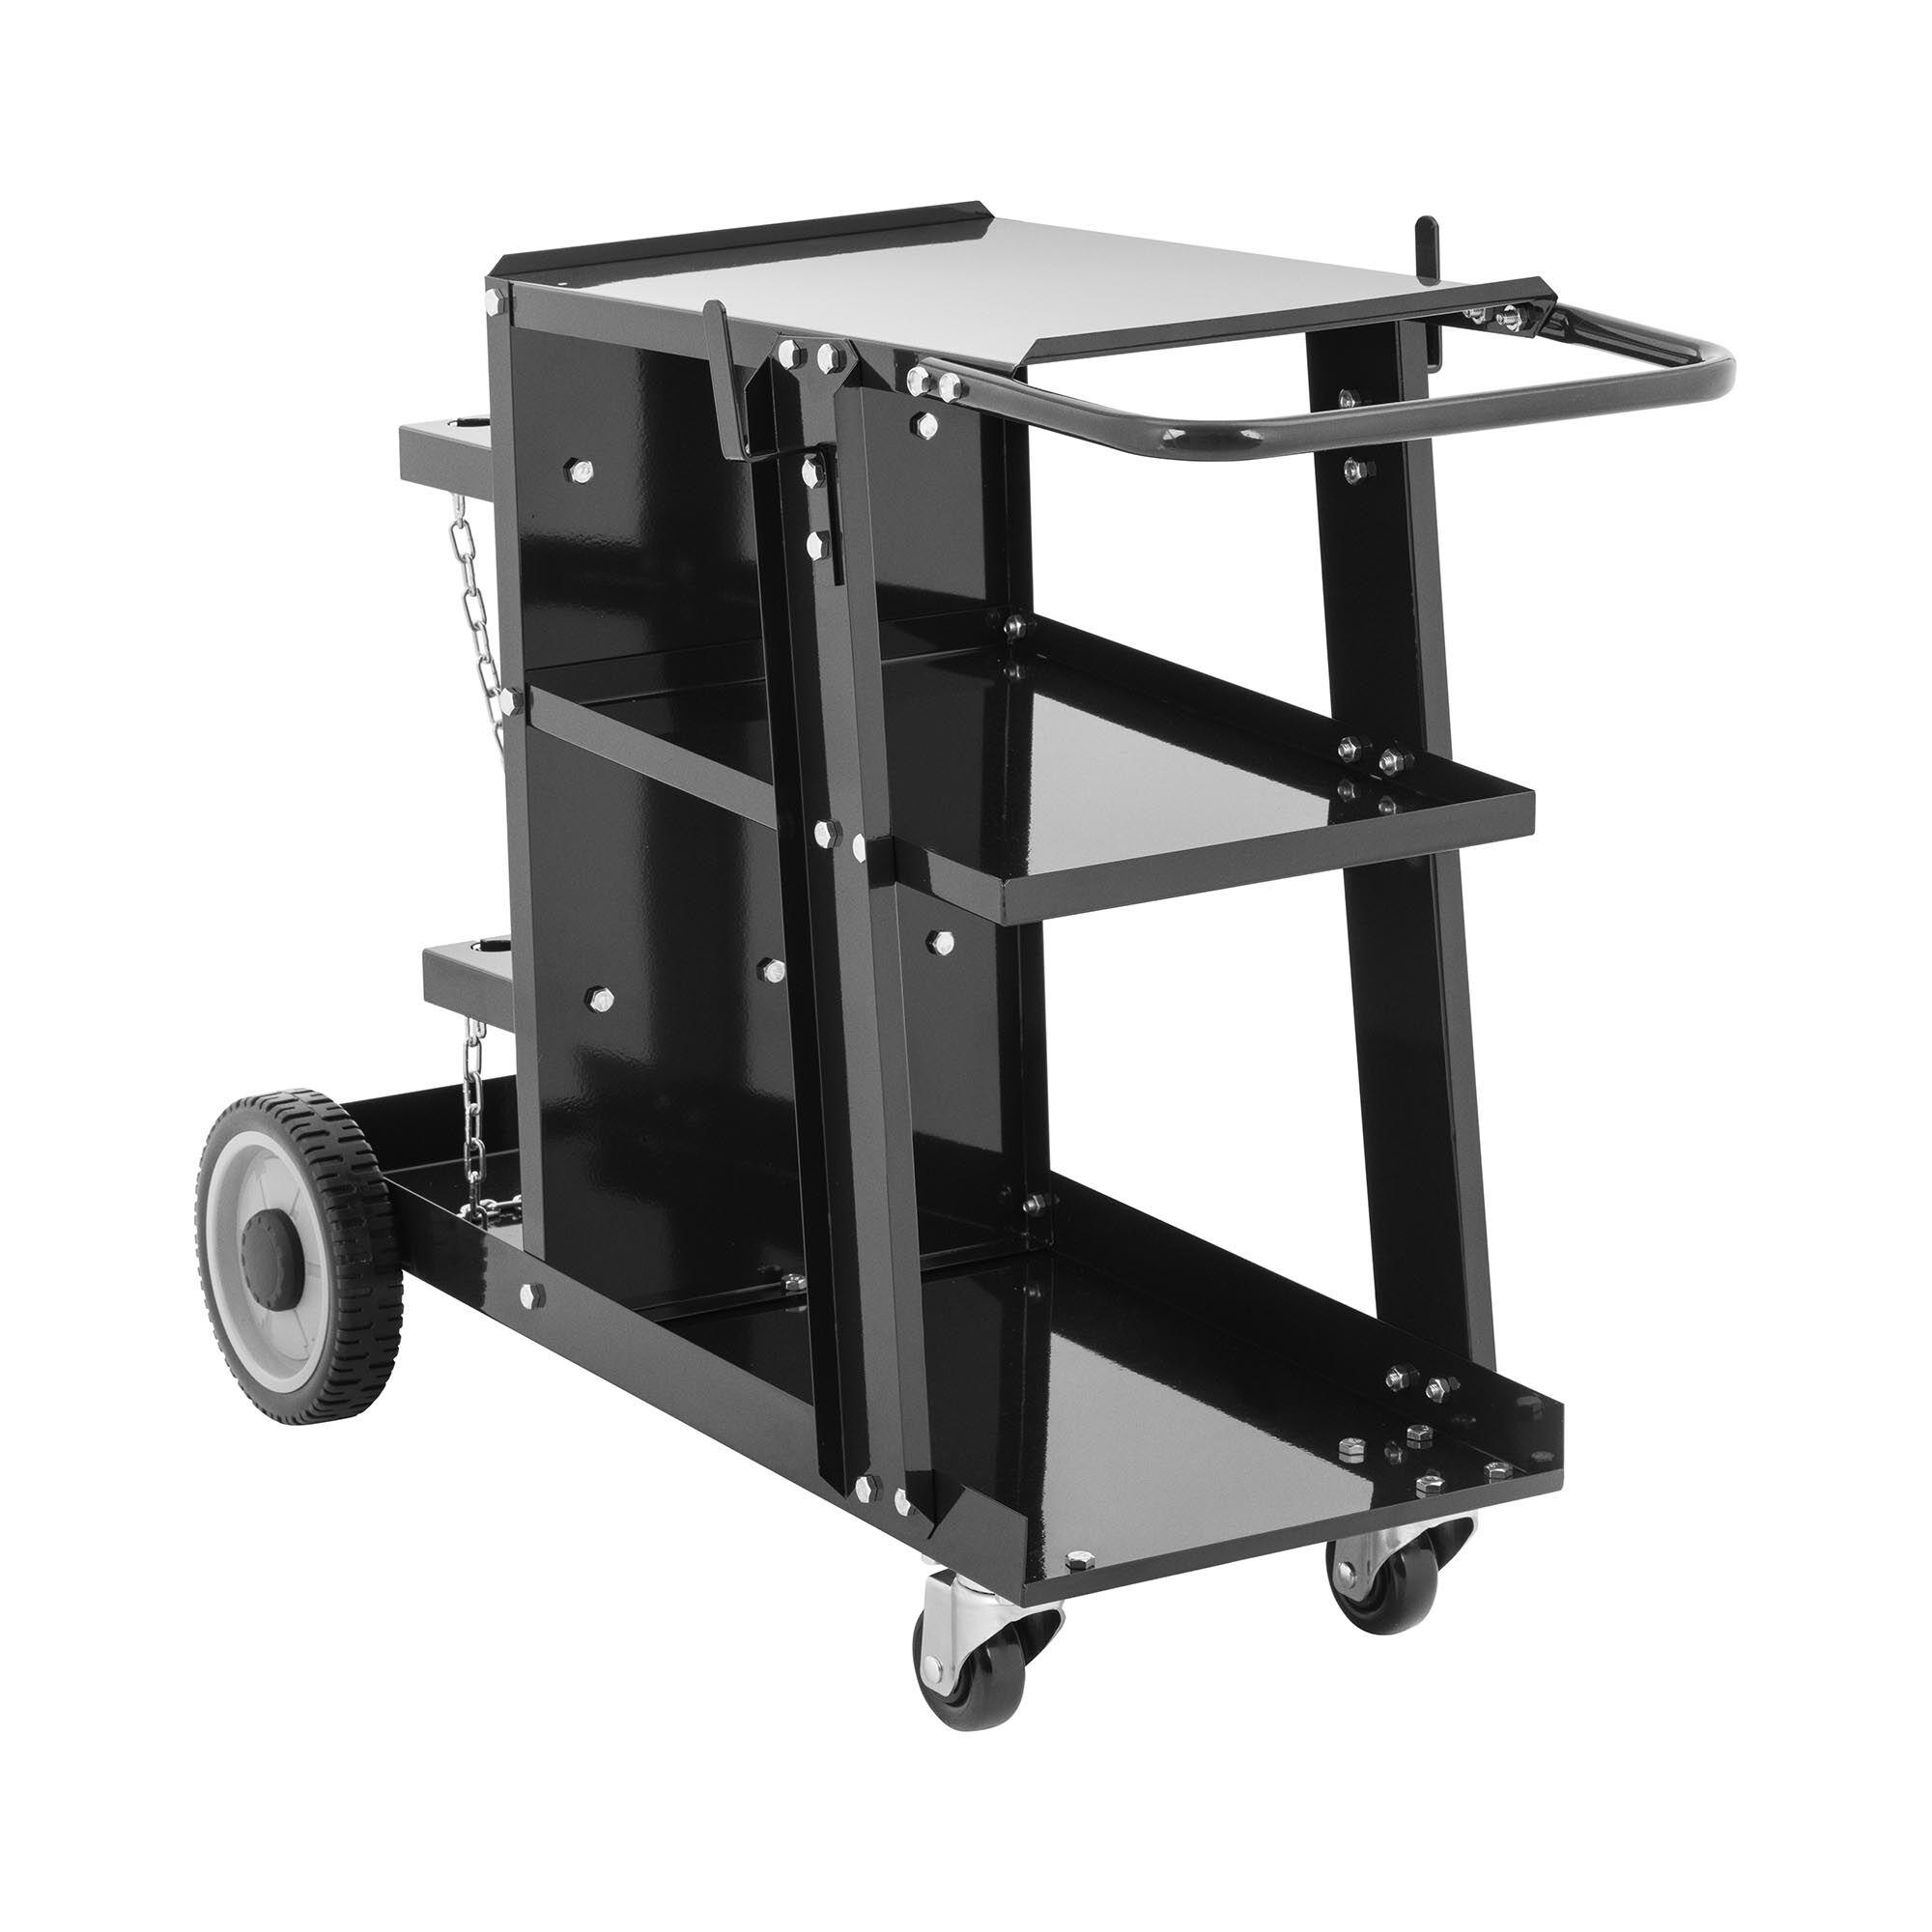 Stamos Welding Group Welding Cart - 75 cm